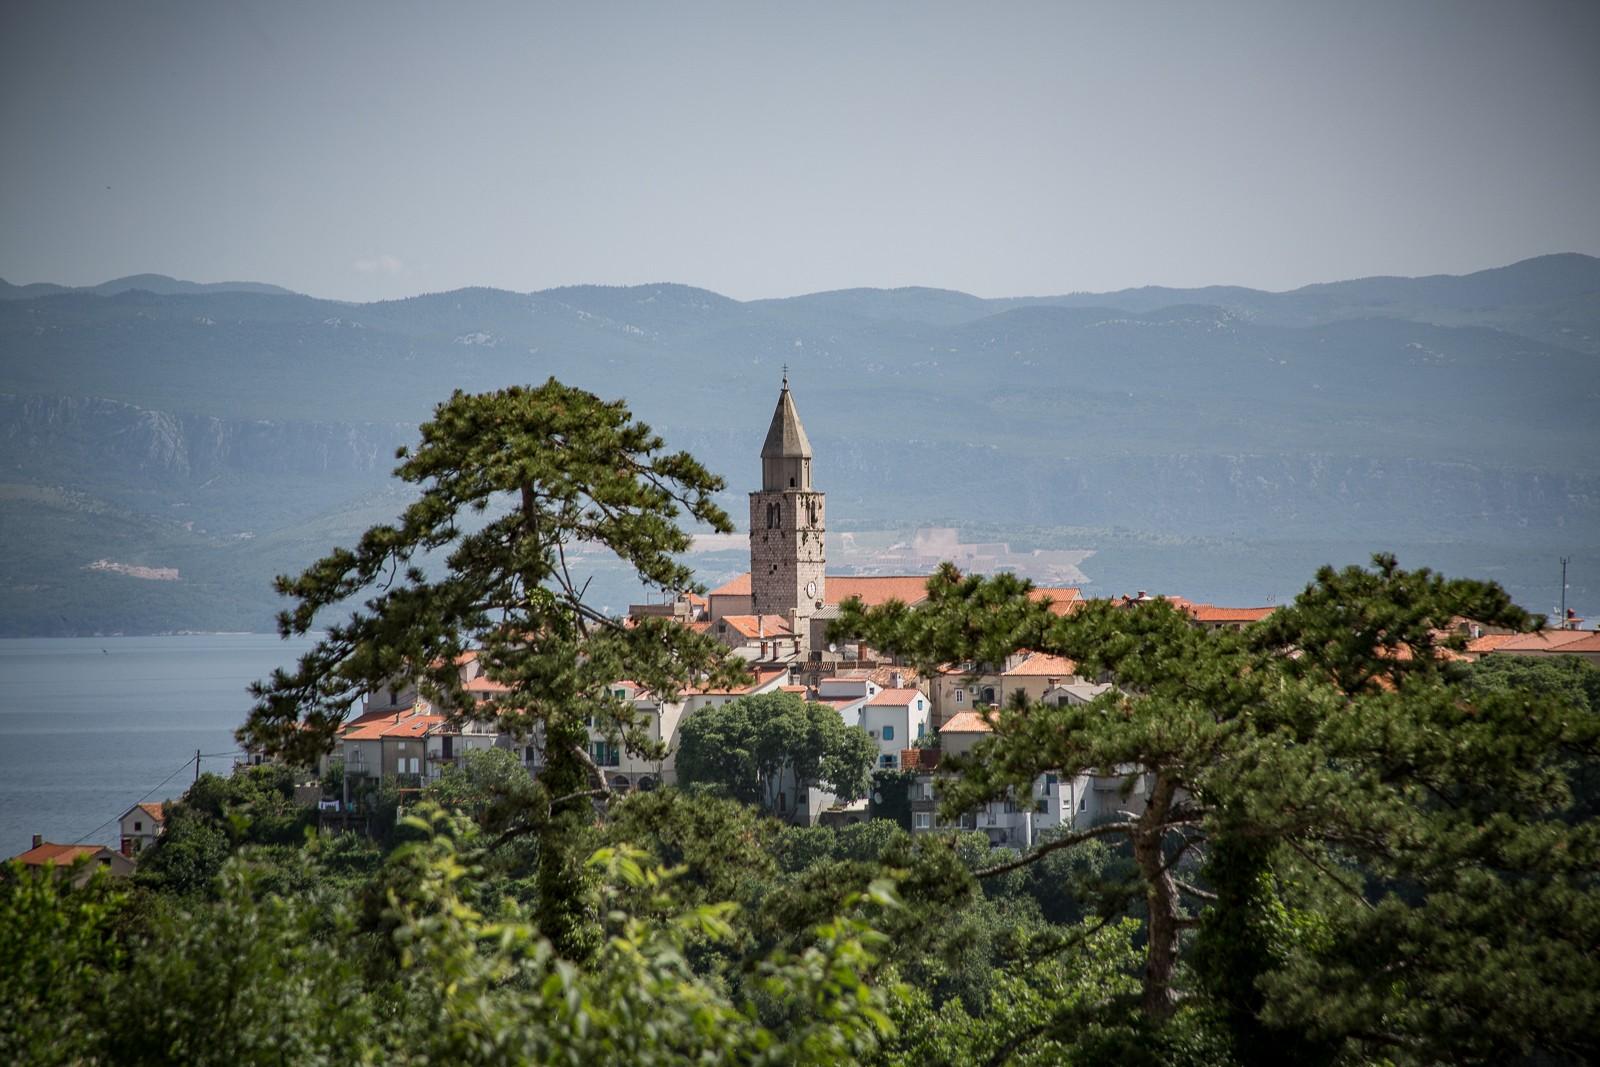 Vrbnik auf der kroatischen Insel Krk